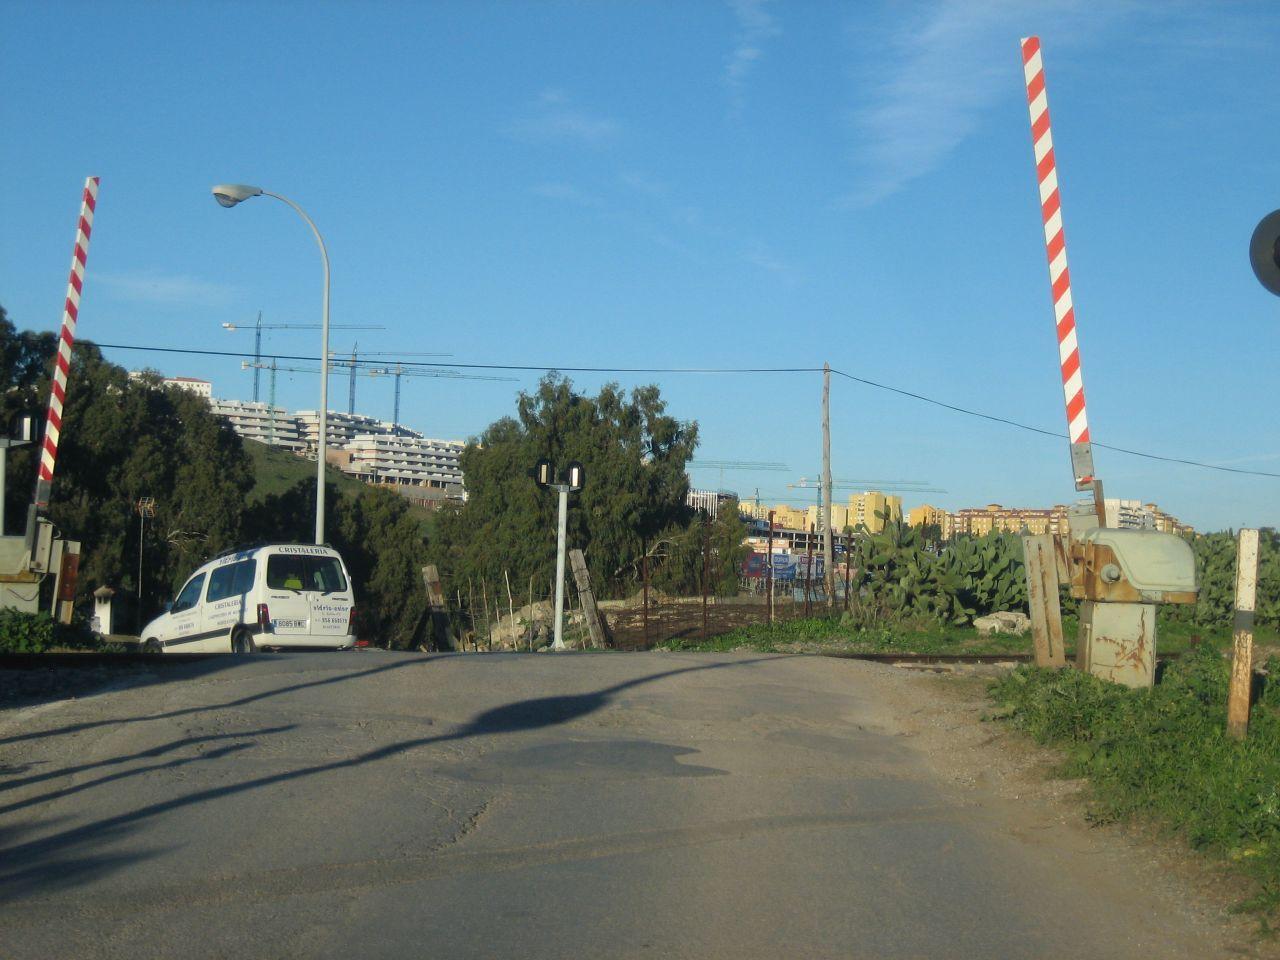 El accidente se produjo hoy alrededor de las 7.30. (Foto de archivo).